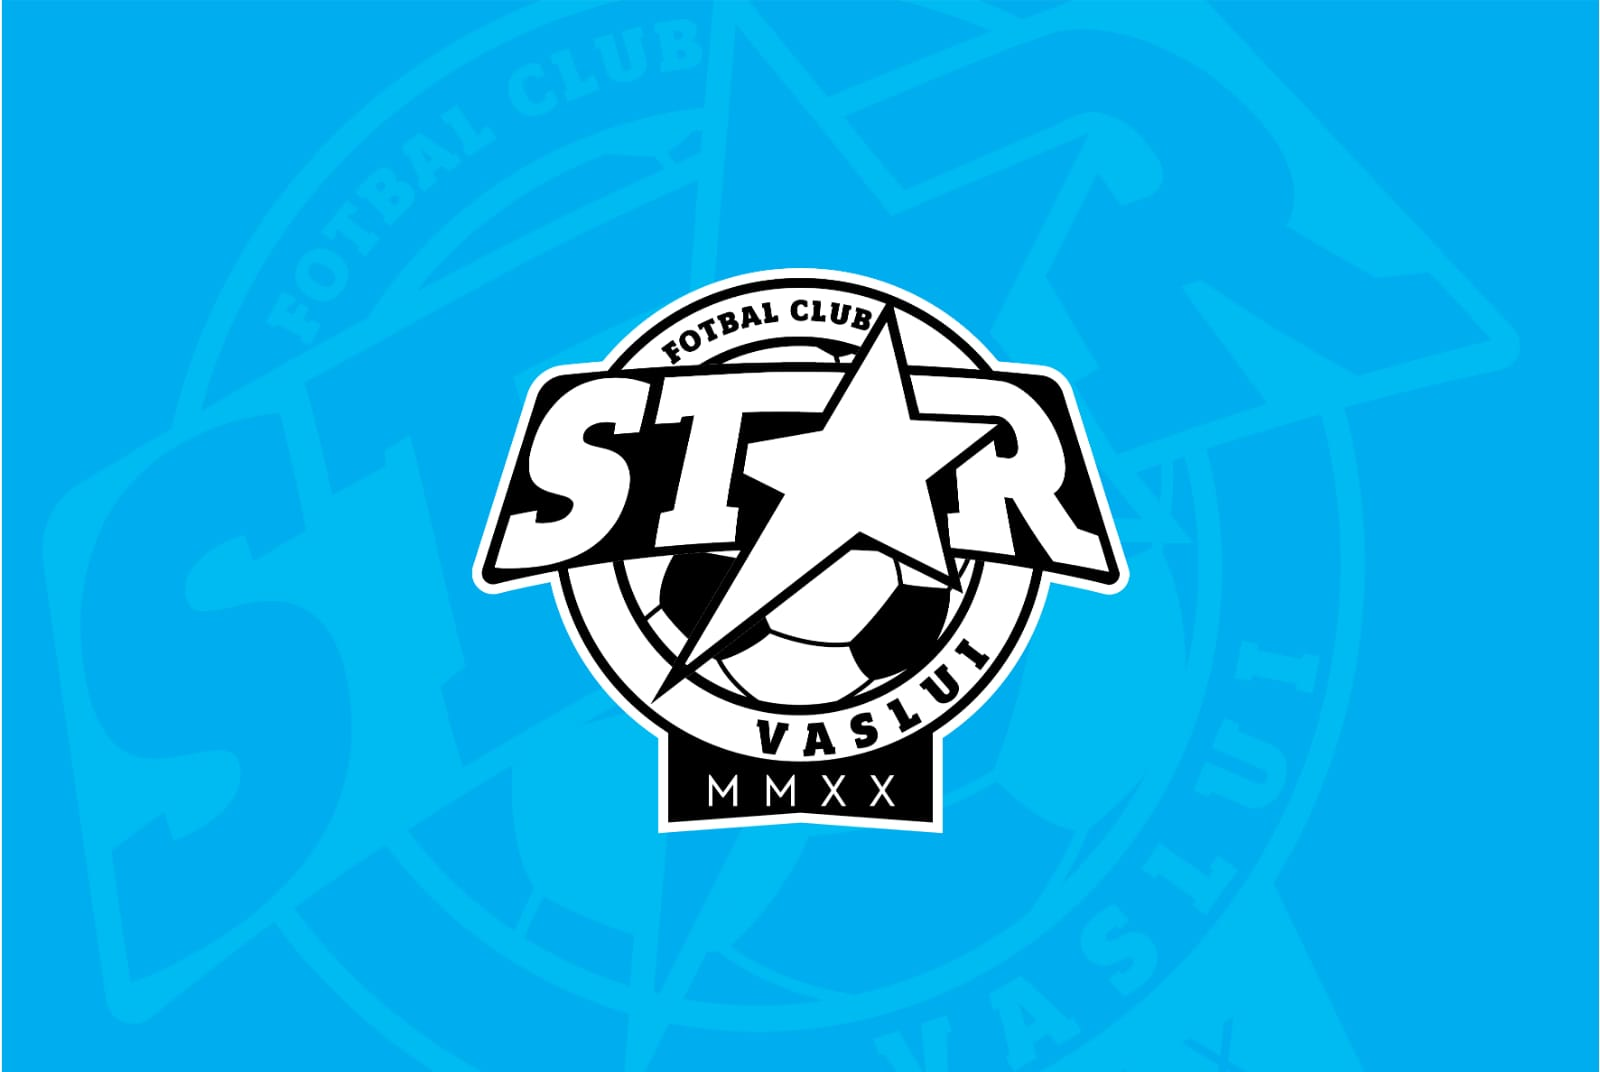 A.S.F.C. STAR JUNIOR Vaslui